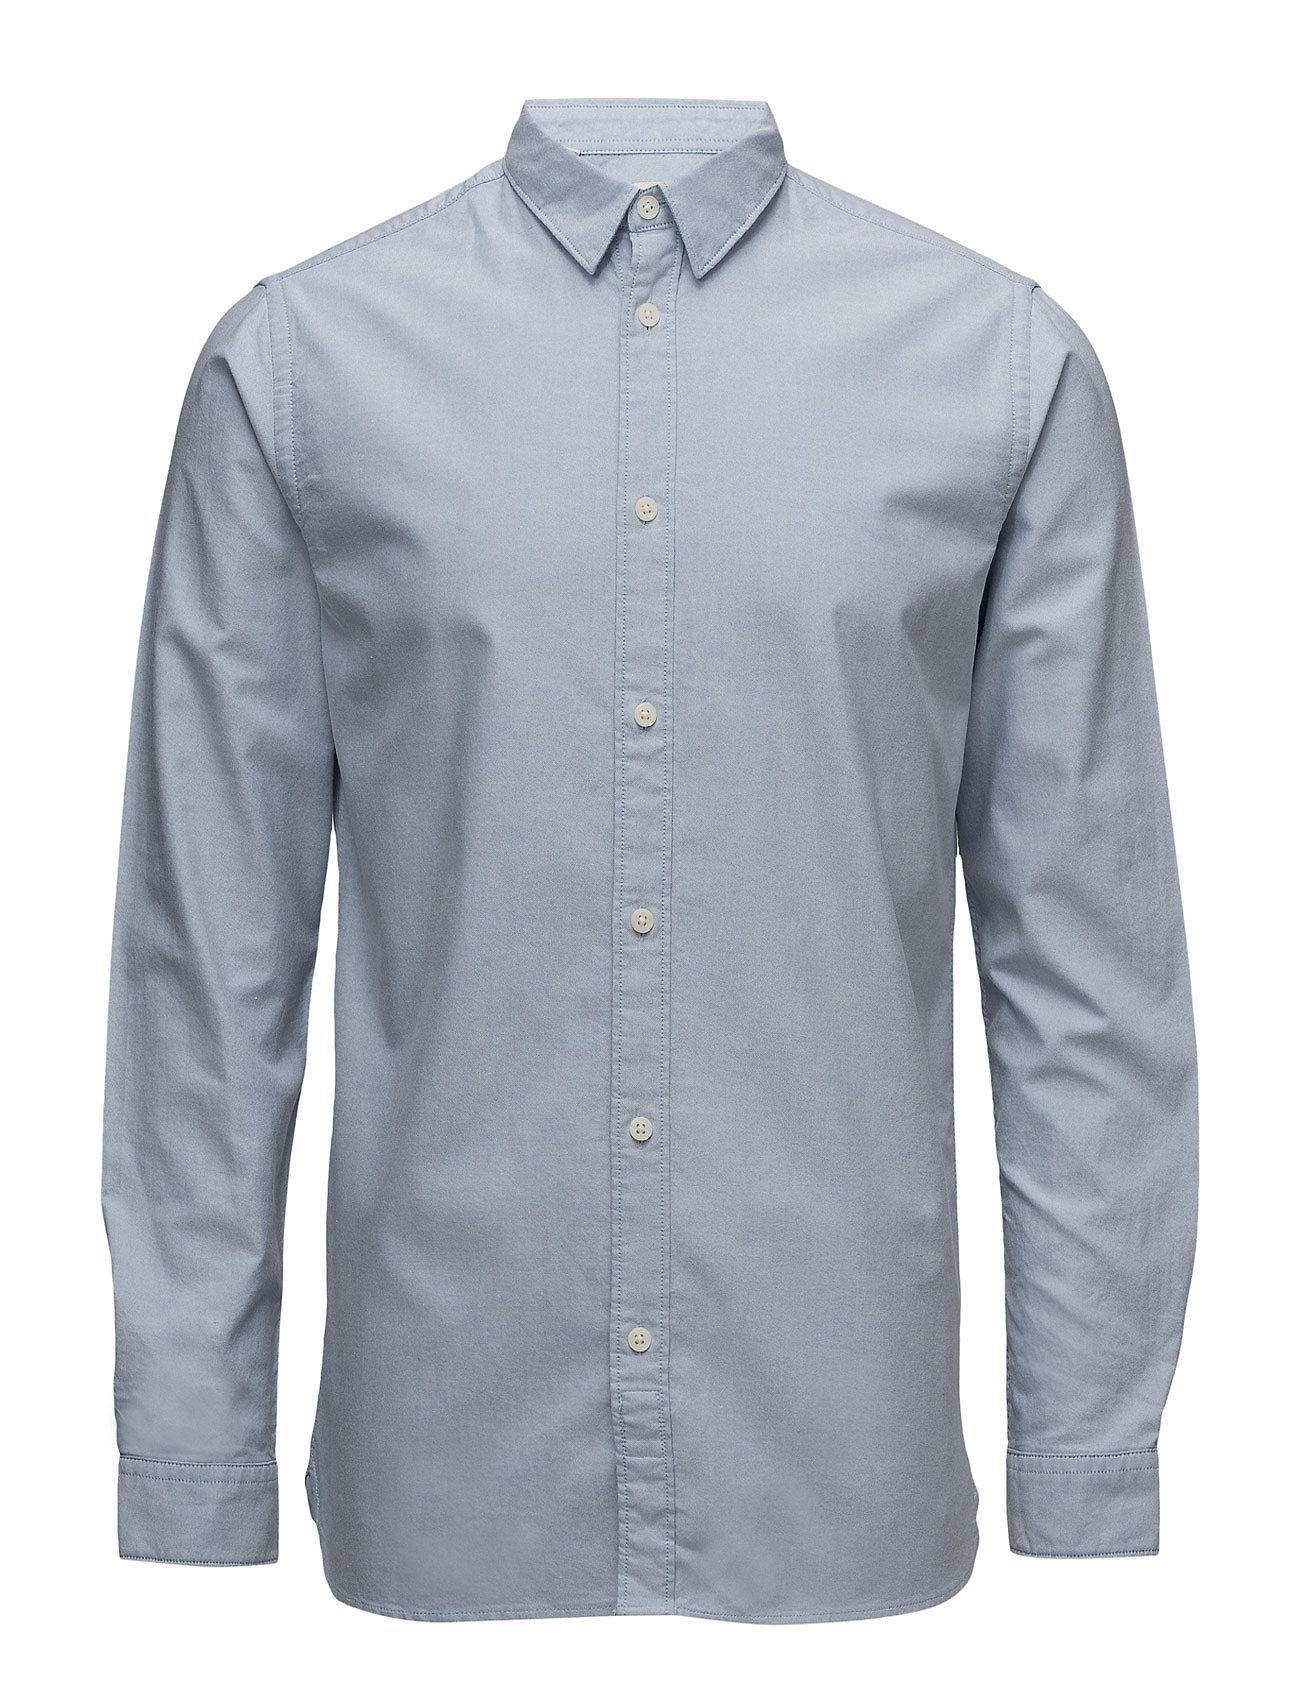 Shhonevince Shirt Ls Sts Selected Homme Business til Herrer i Lyseblå